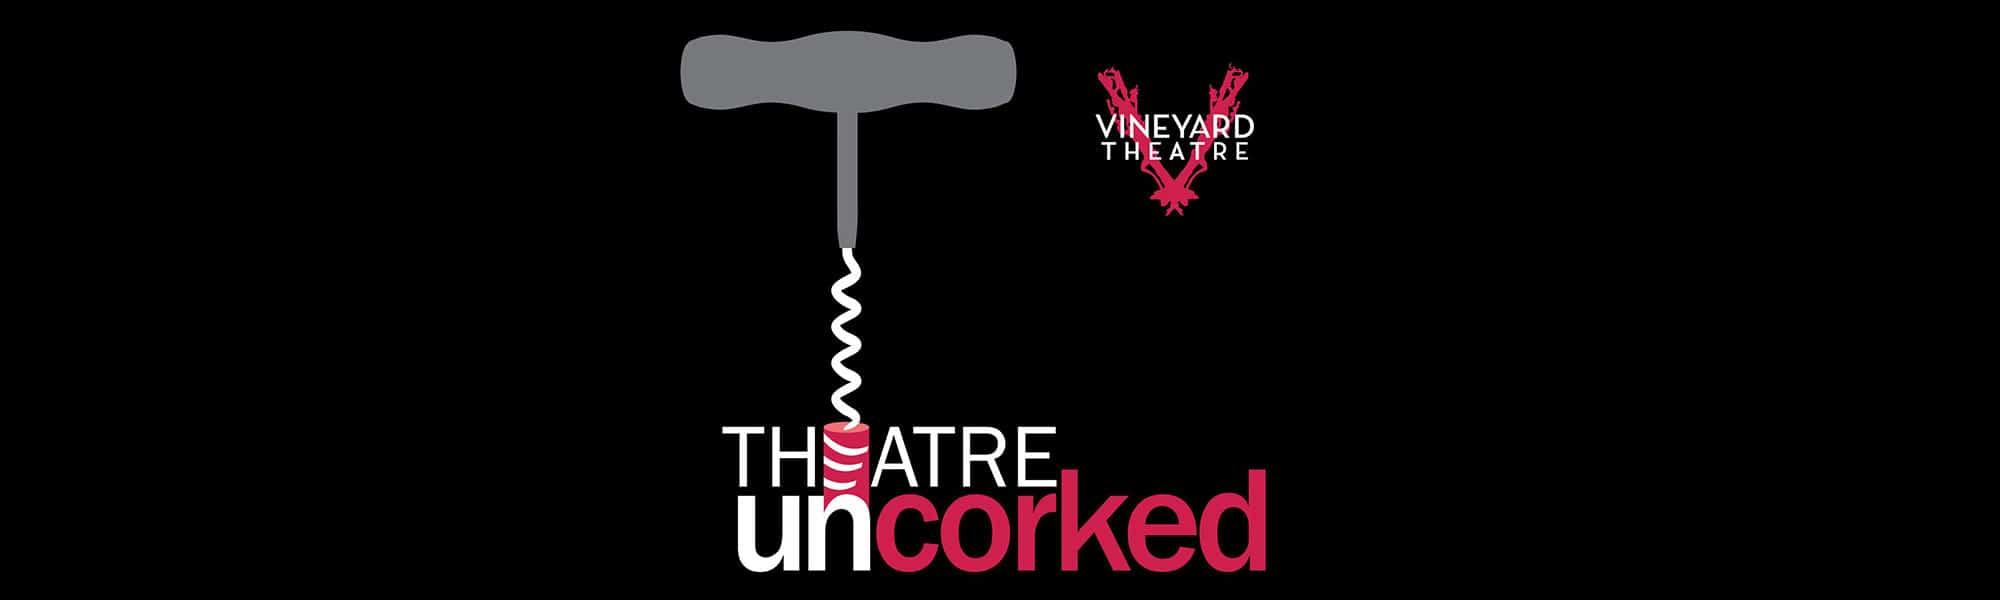 Theatre Uncorked Podcast Header 2000X600